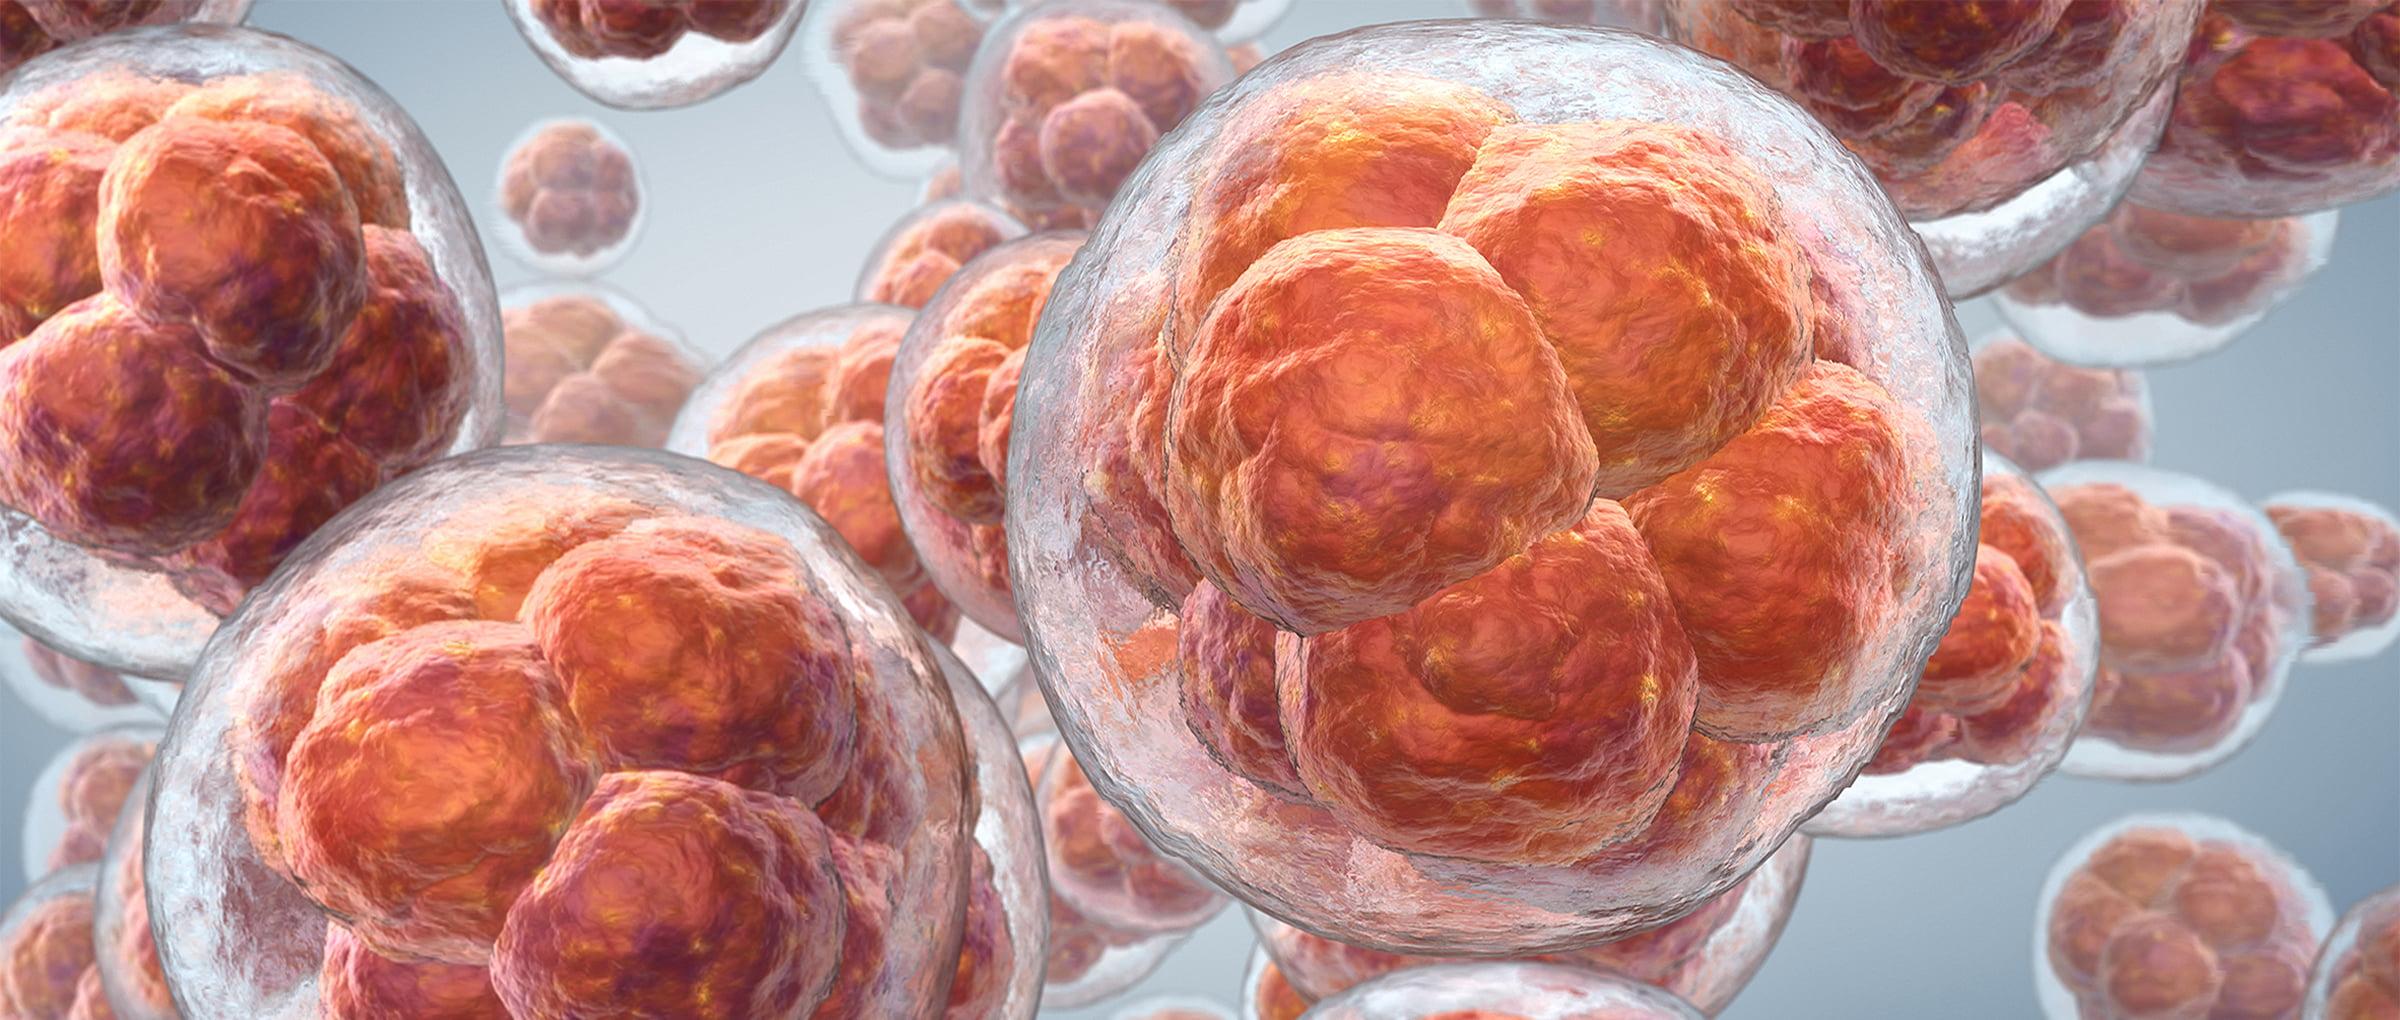 Donación de embriones en Chipre